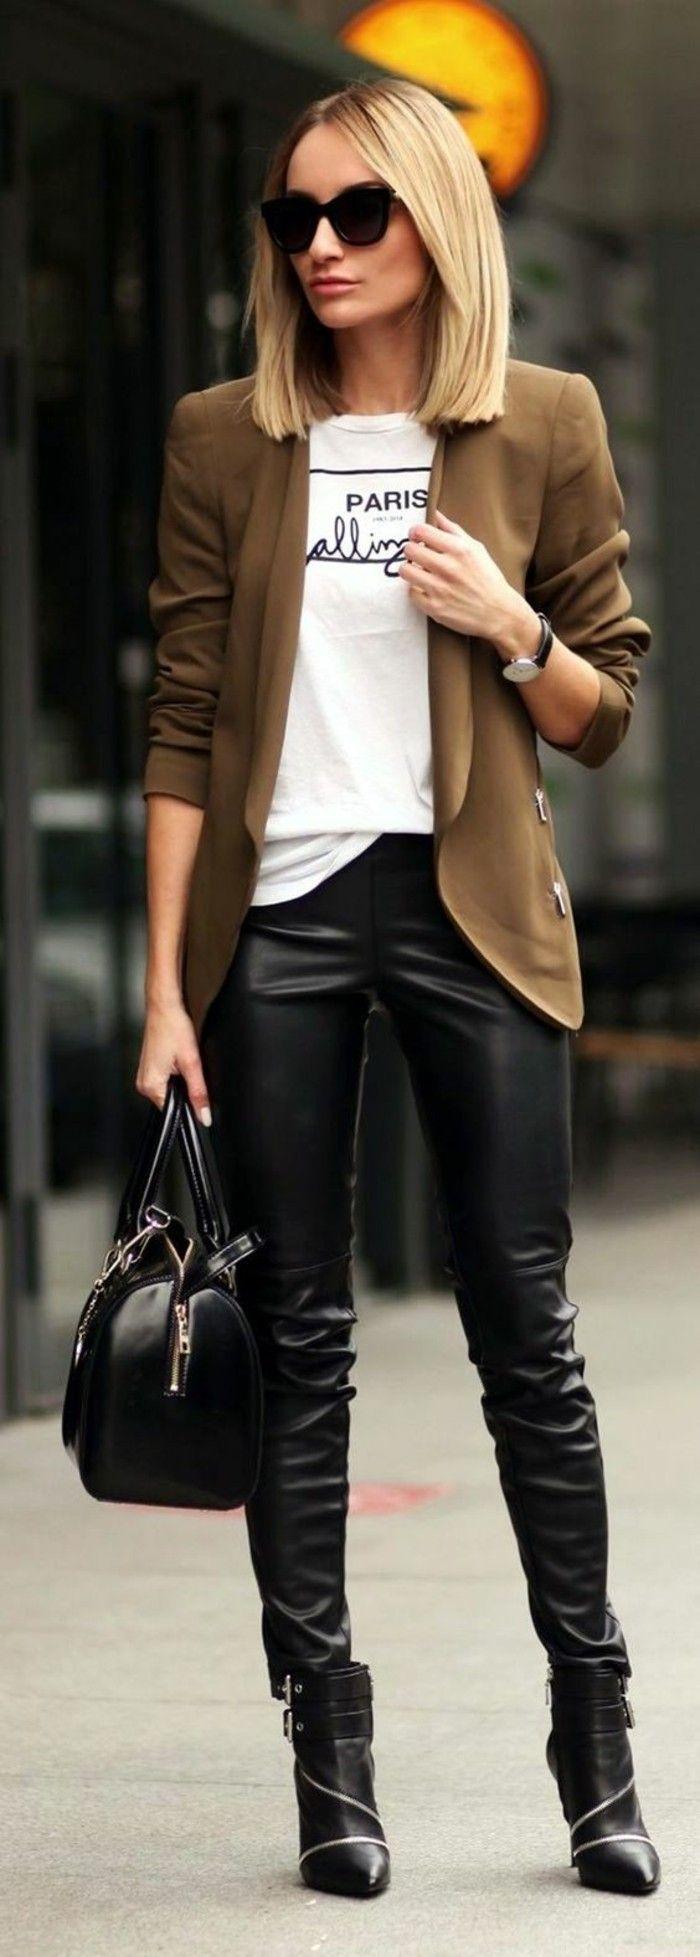 Beim ersten Date solltest du es lässig angehen - am besten mit einem Casual Blazer, Shirt und Lederhose! | Stylefeed